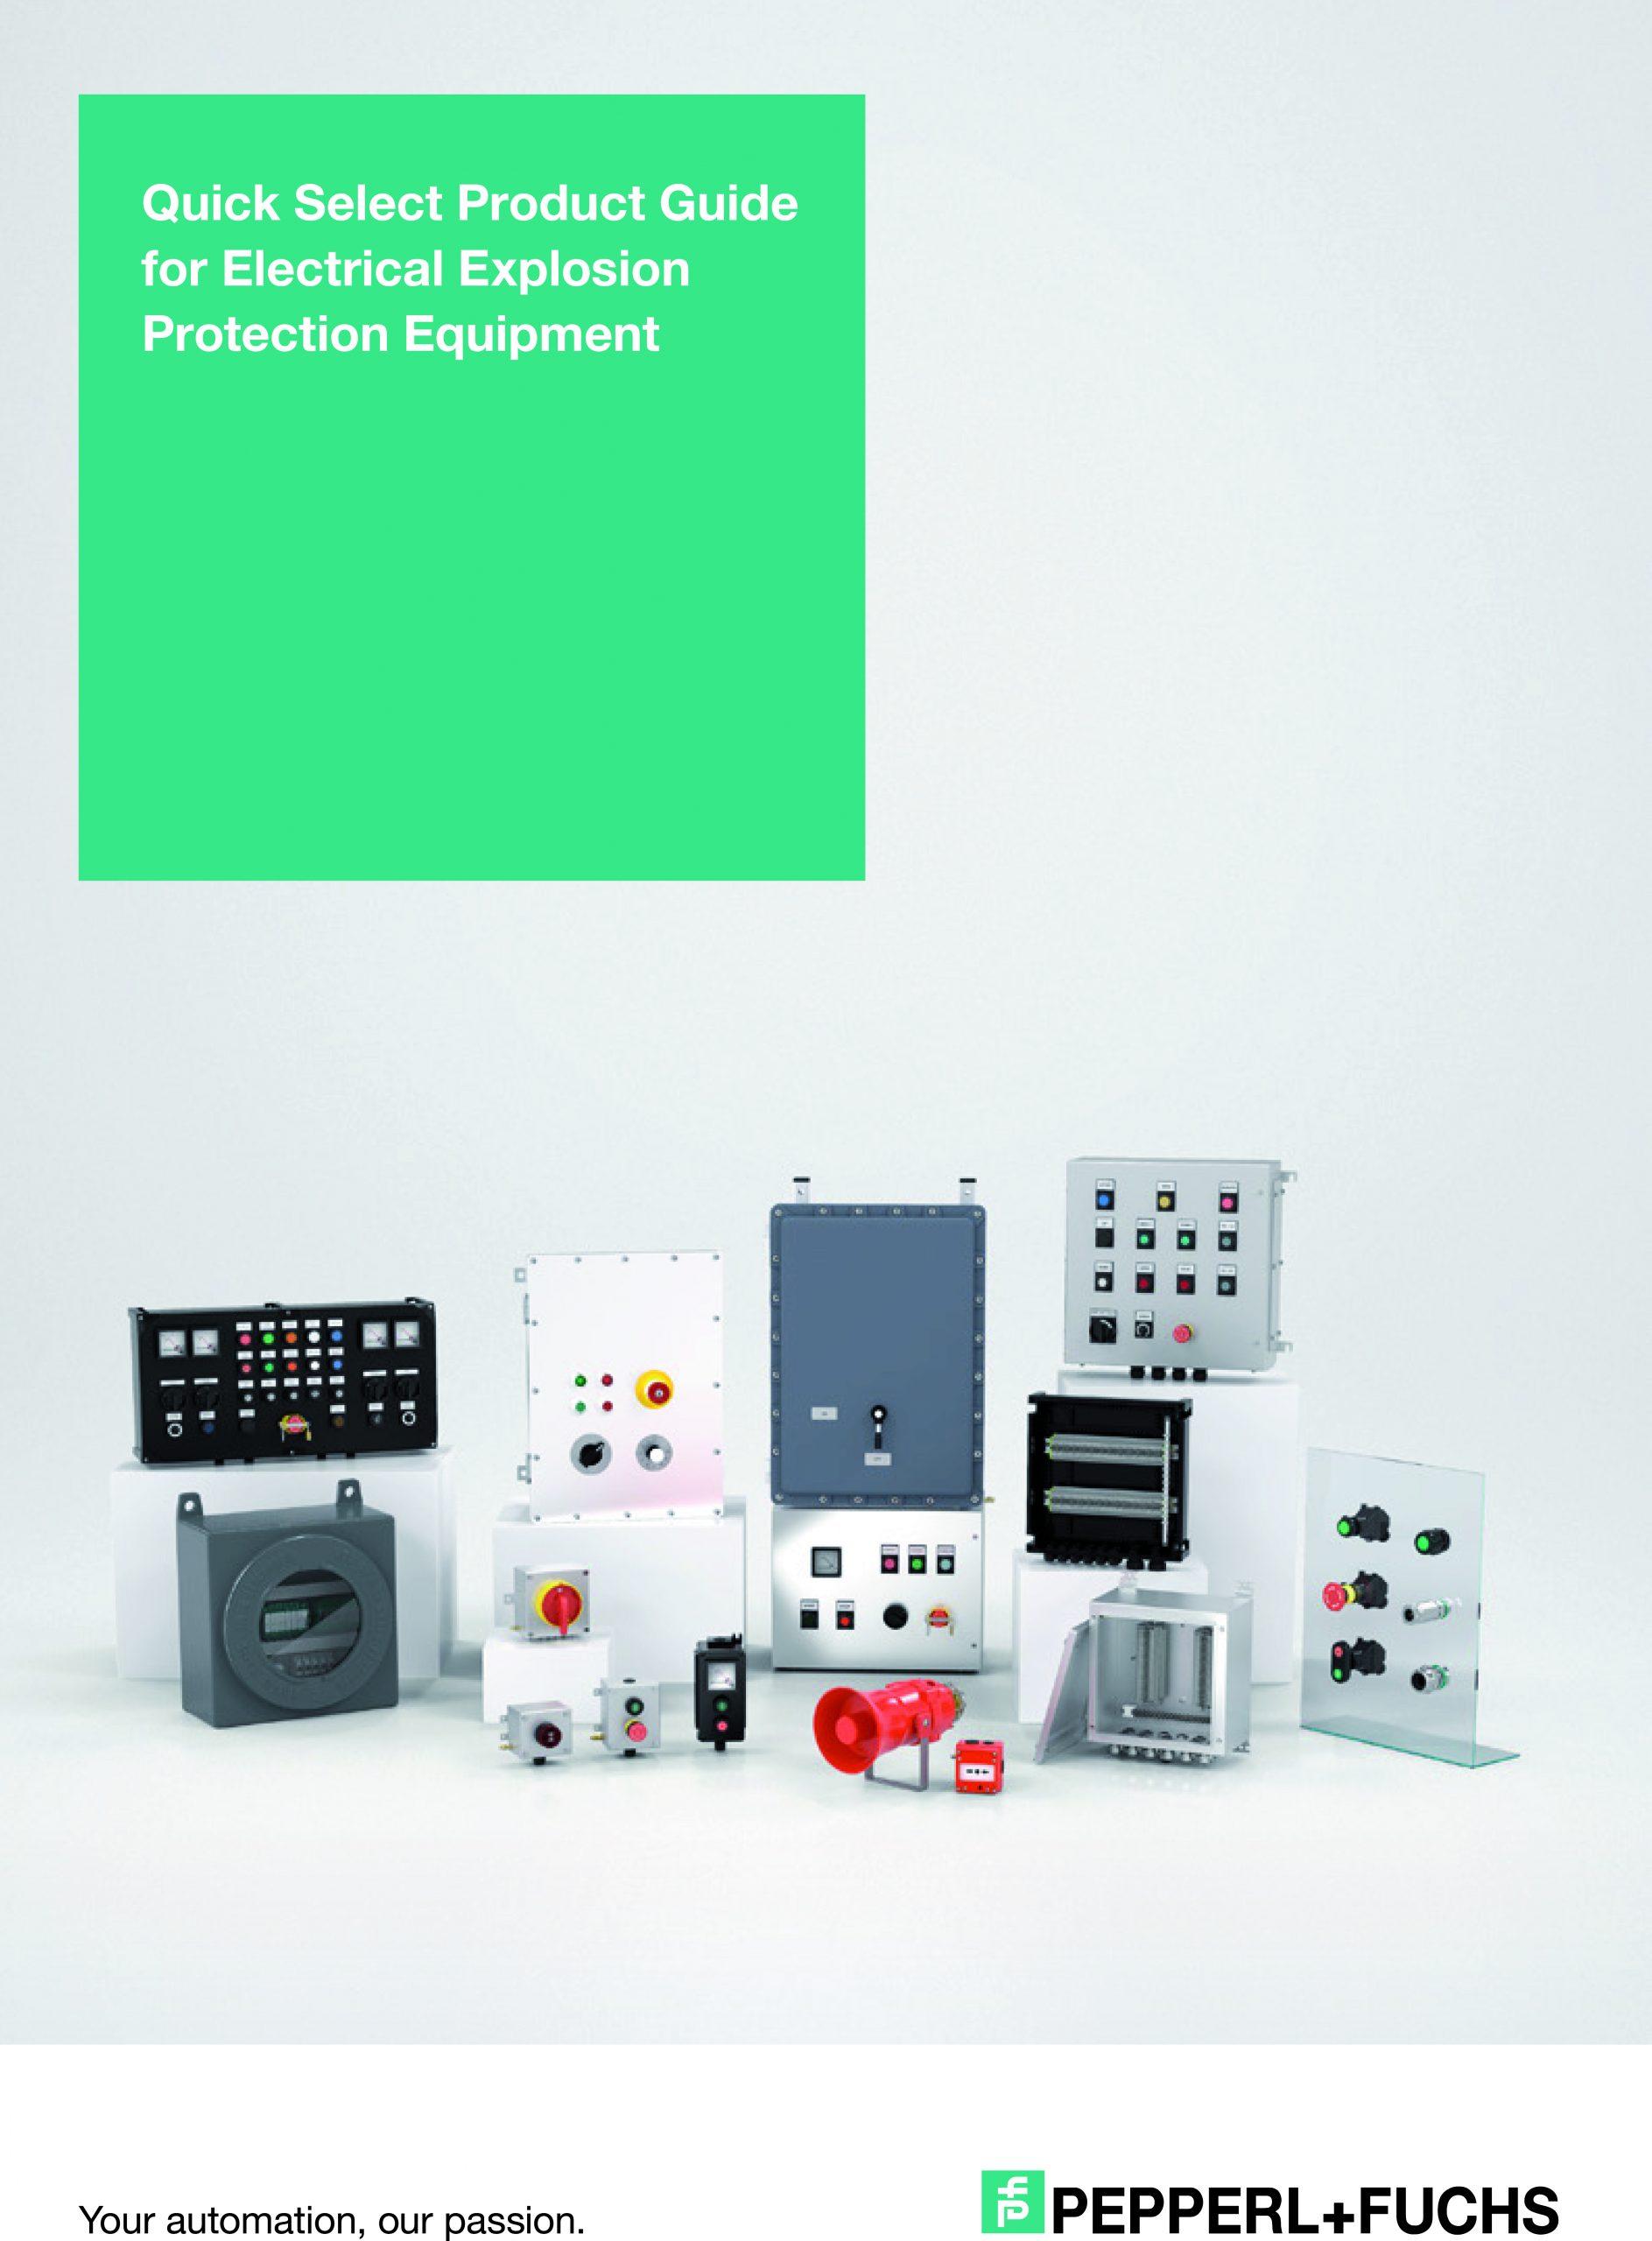 Quick Select Product Guide für elektrische Komponenten und Systeme für den Explosionsschutz